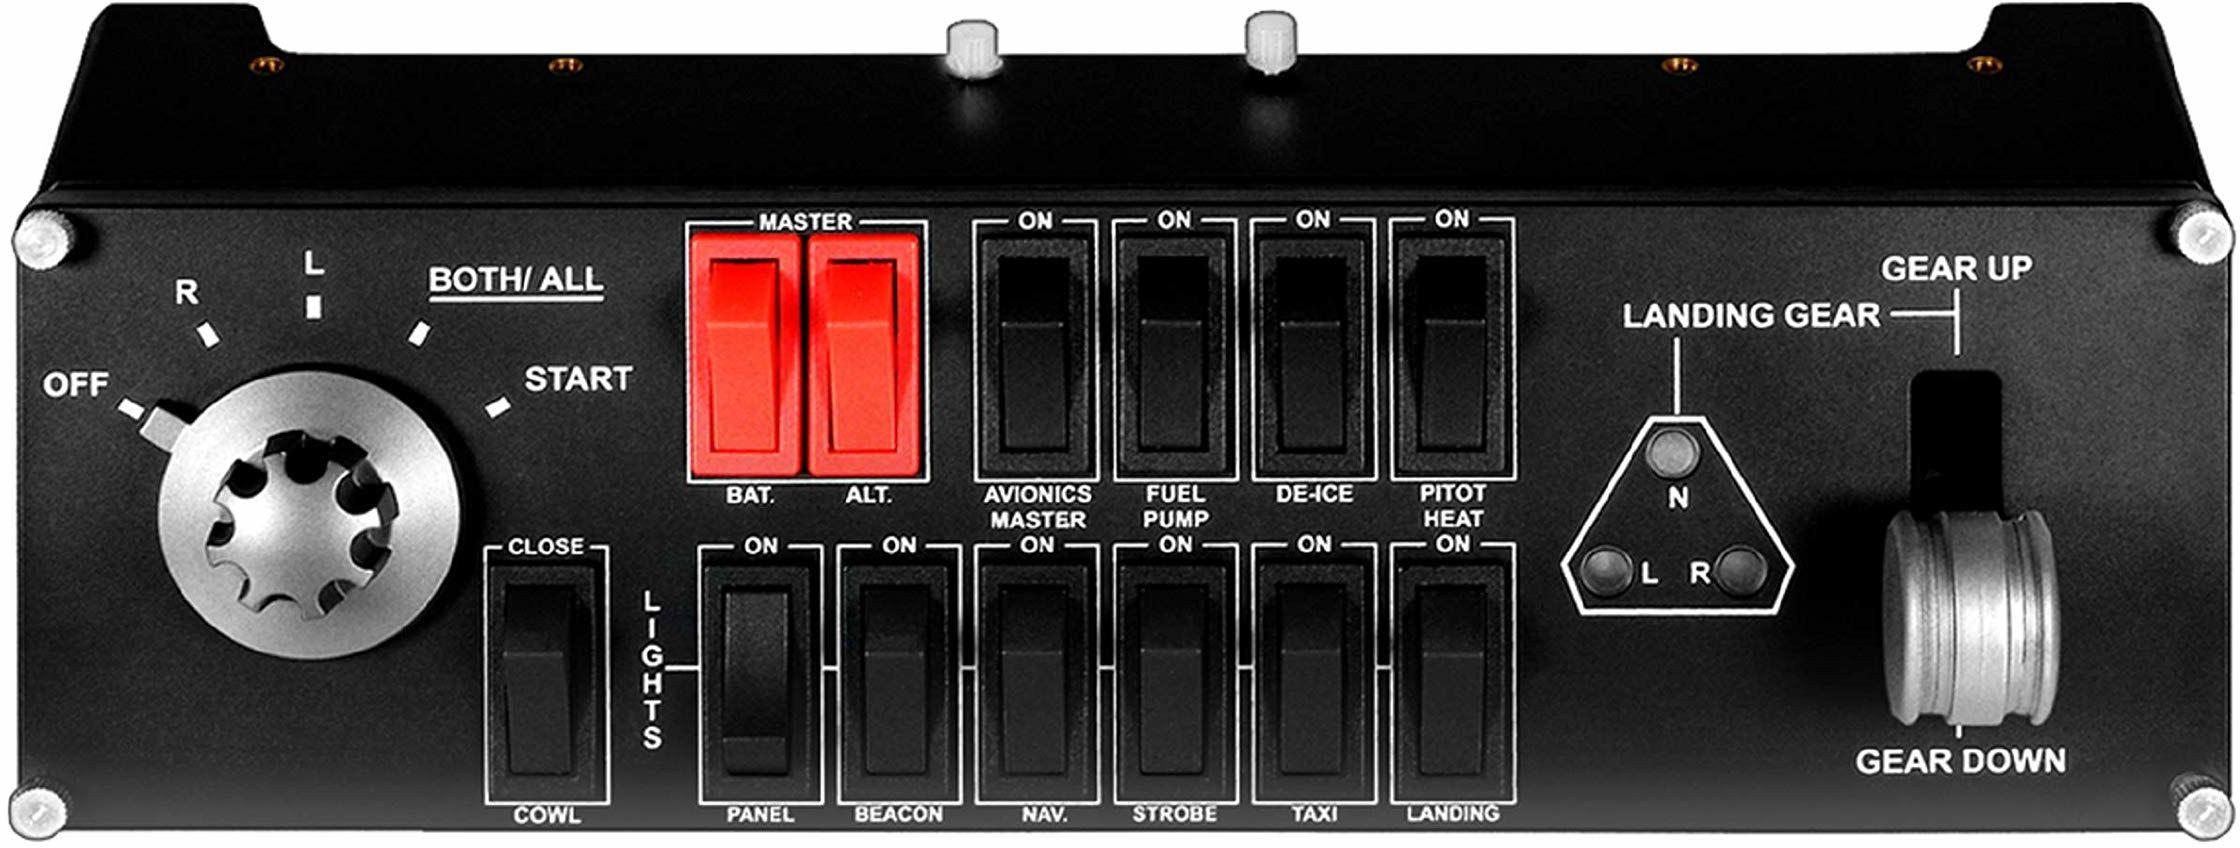 Logitech G Saitek Pro panel przełącznika lotowego, profesjonalny kontroler przełącznika symulacji, wyświetlacz LCD, pięciopozycyjna tarcza magnetyczna, realistyczna kontrola biegów, USB, PC - czarny